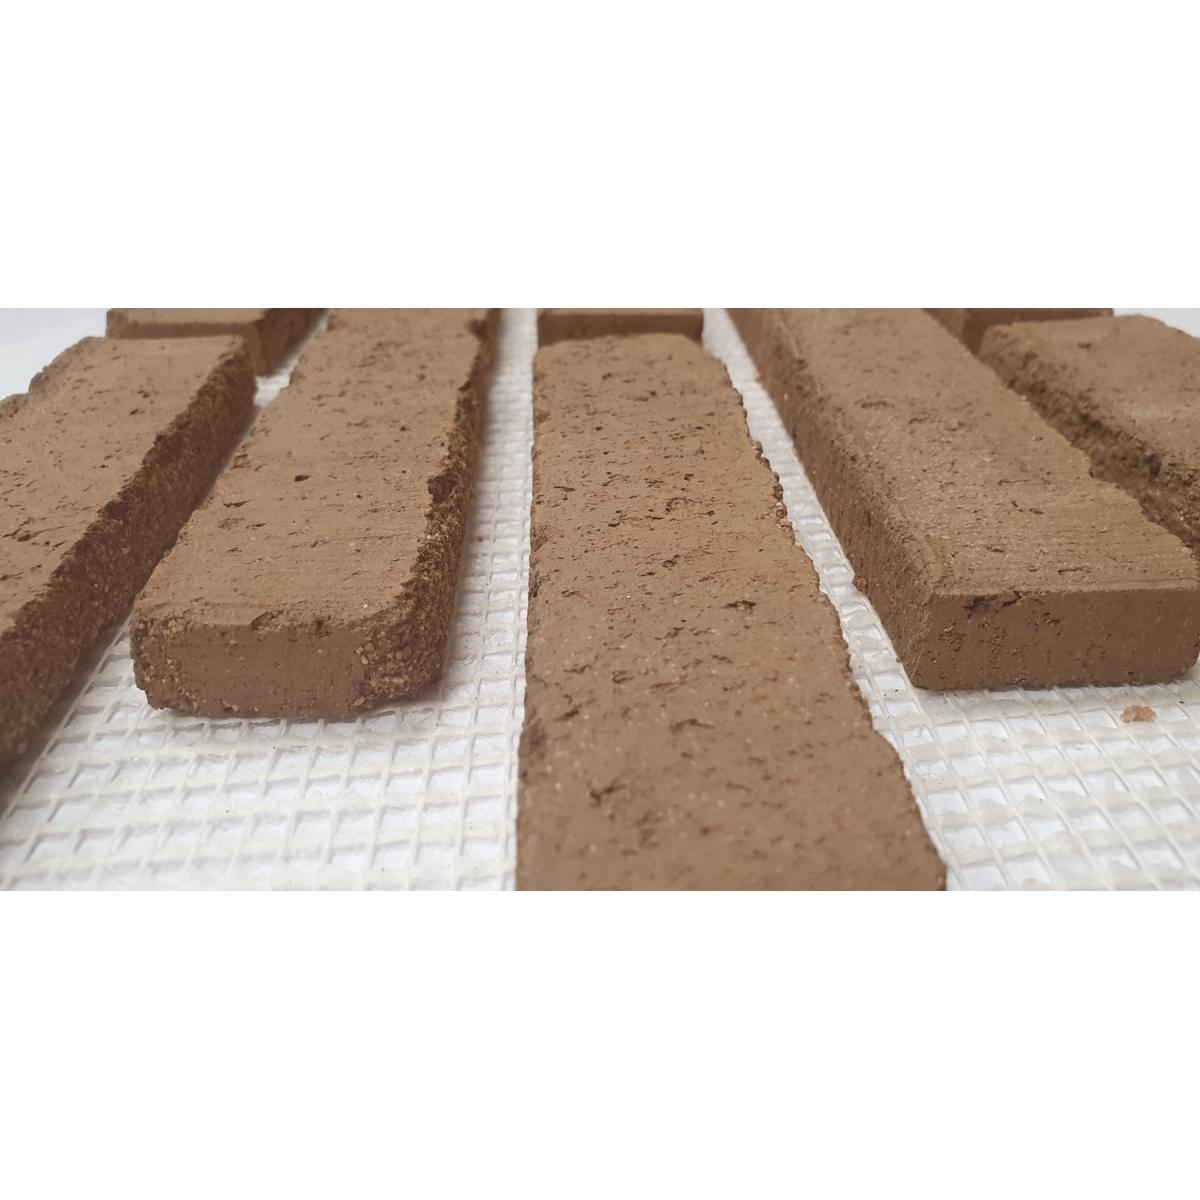 Plaqueta de ladrillo rustico enmallada para revestimiento interior y exterior tono marron